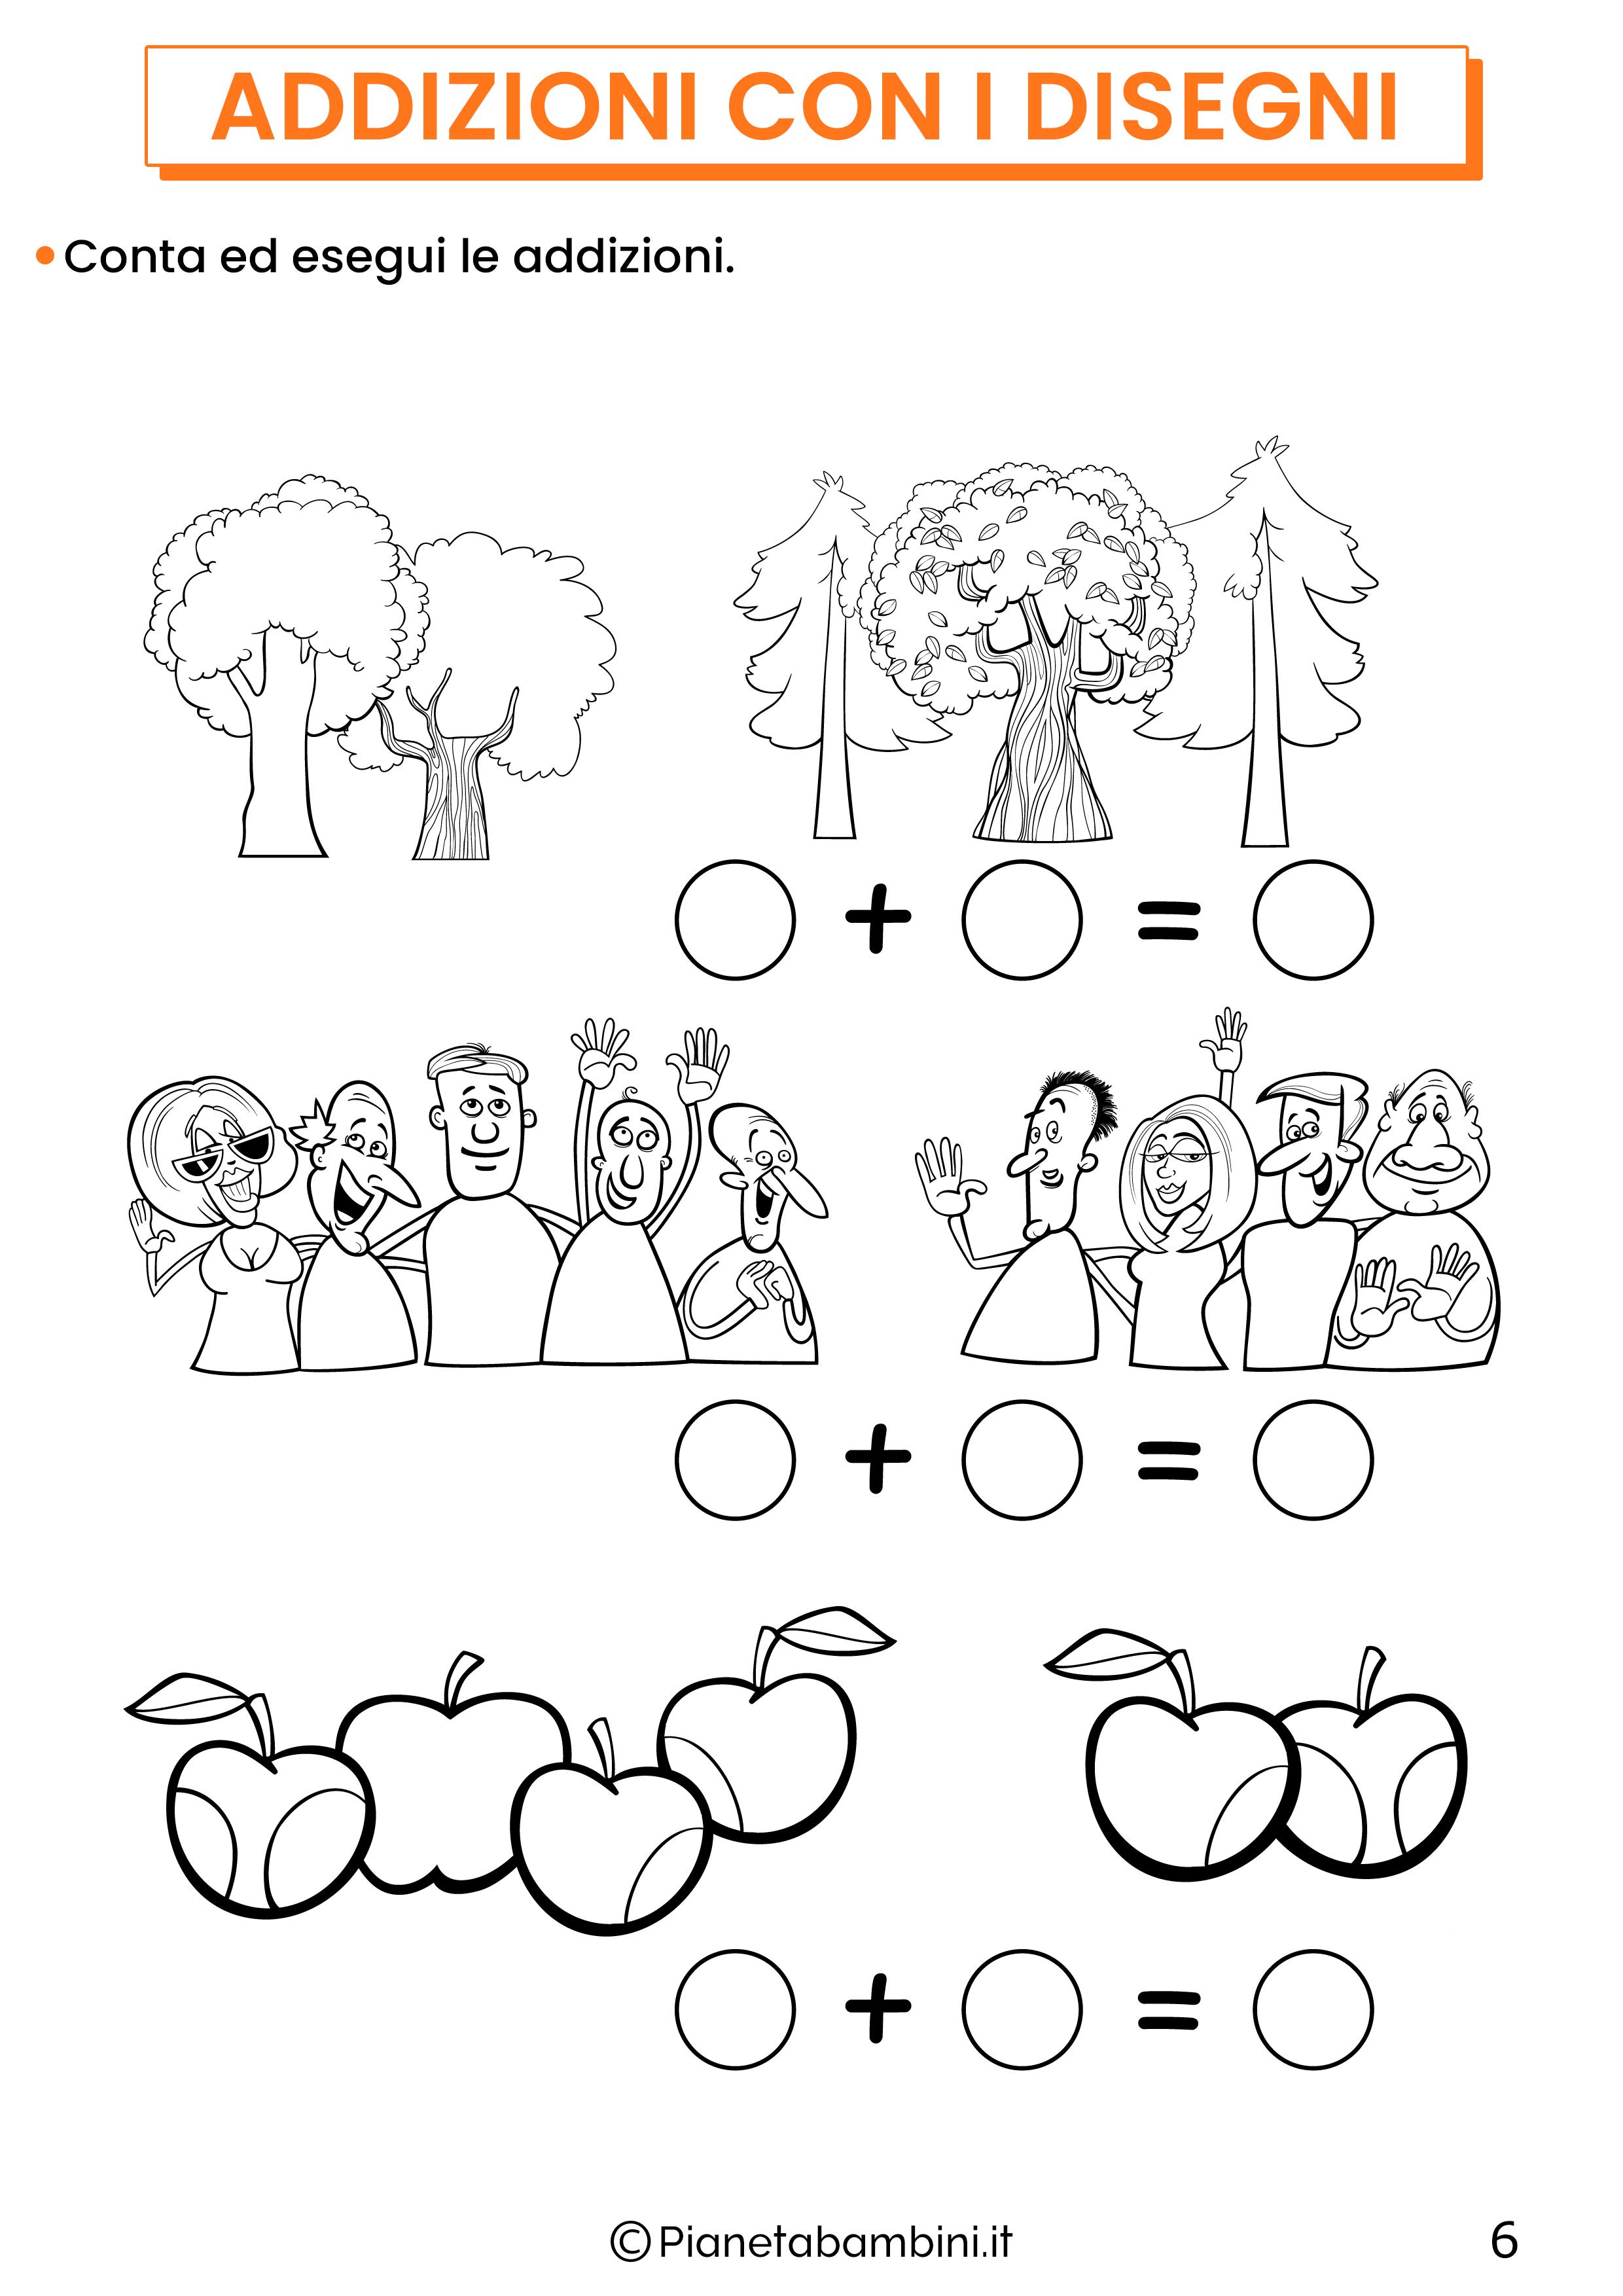 Addizioni con disegni per la classe prima pagina 6